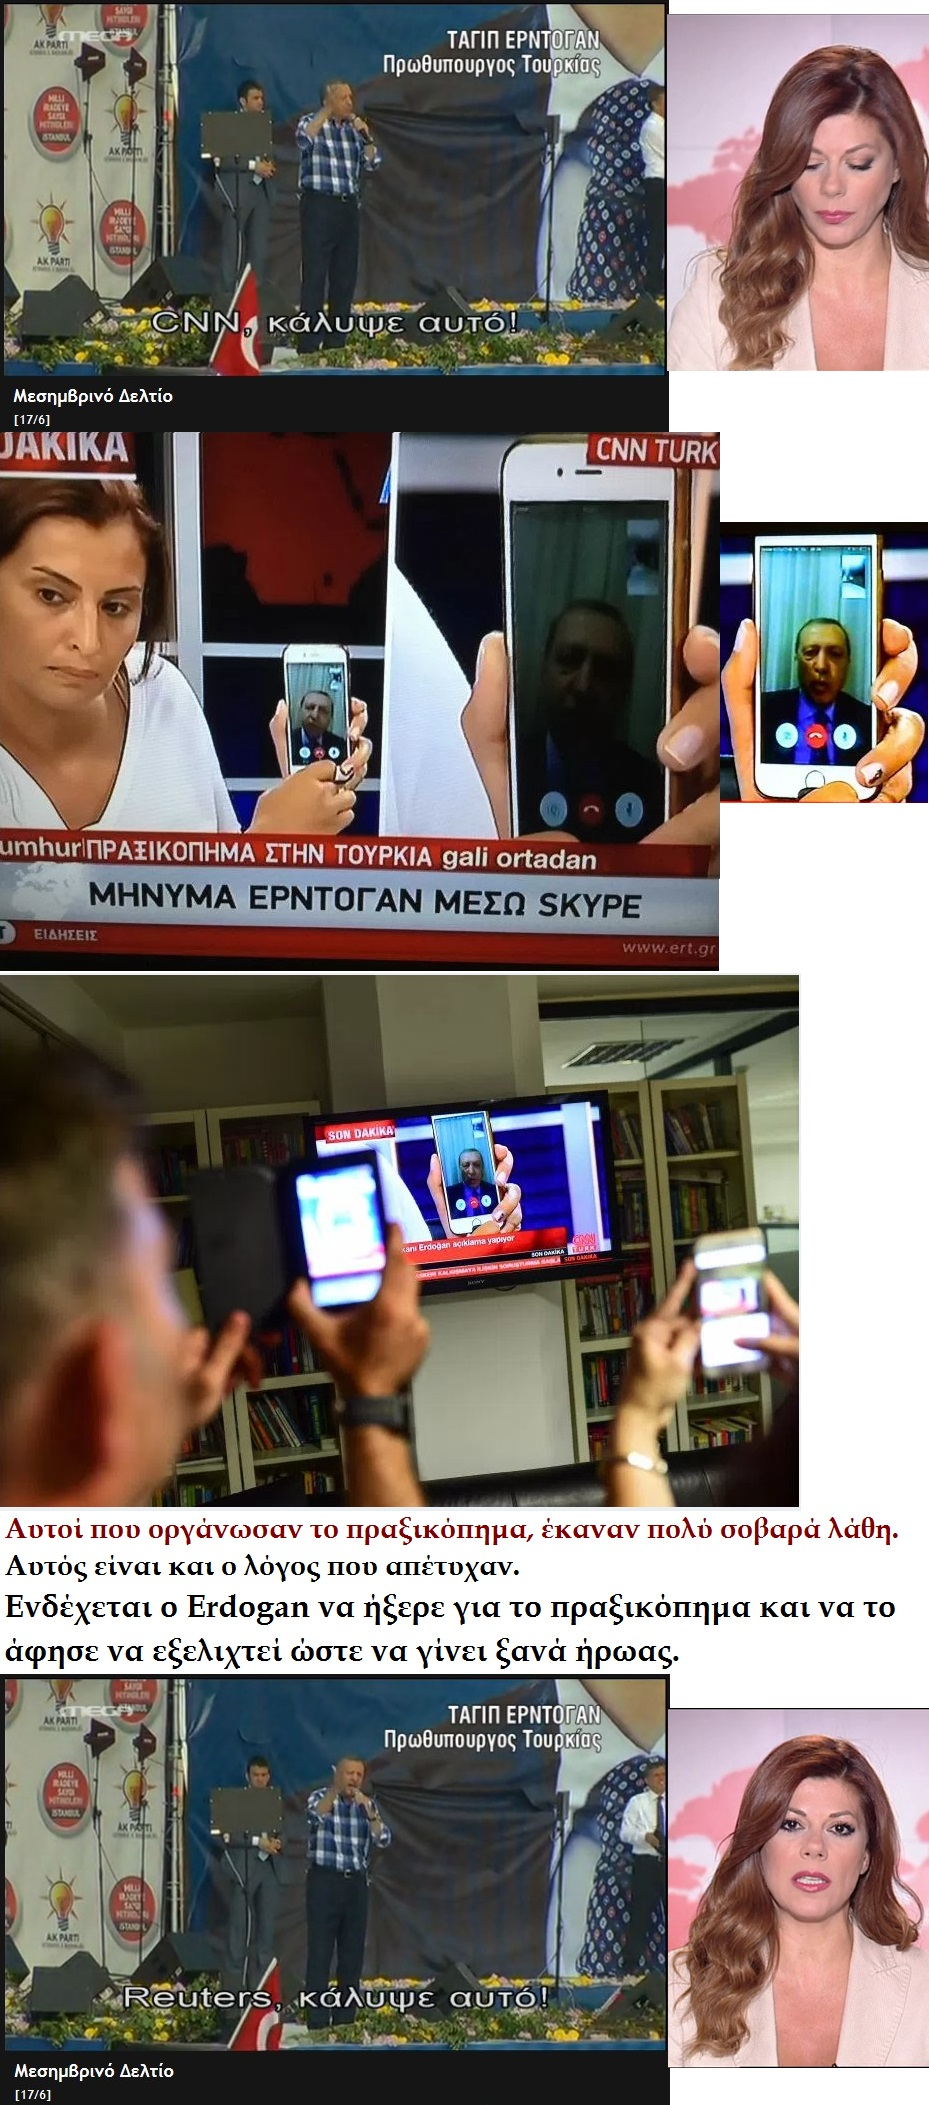 TURKEY COUP ERDOGAN CNN TURK REUTERS 01 170716